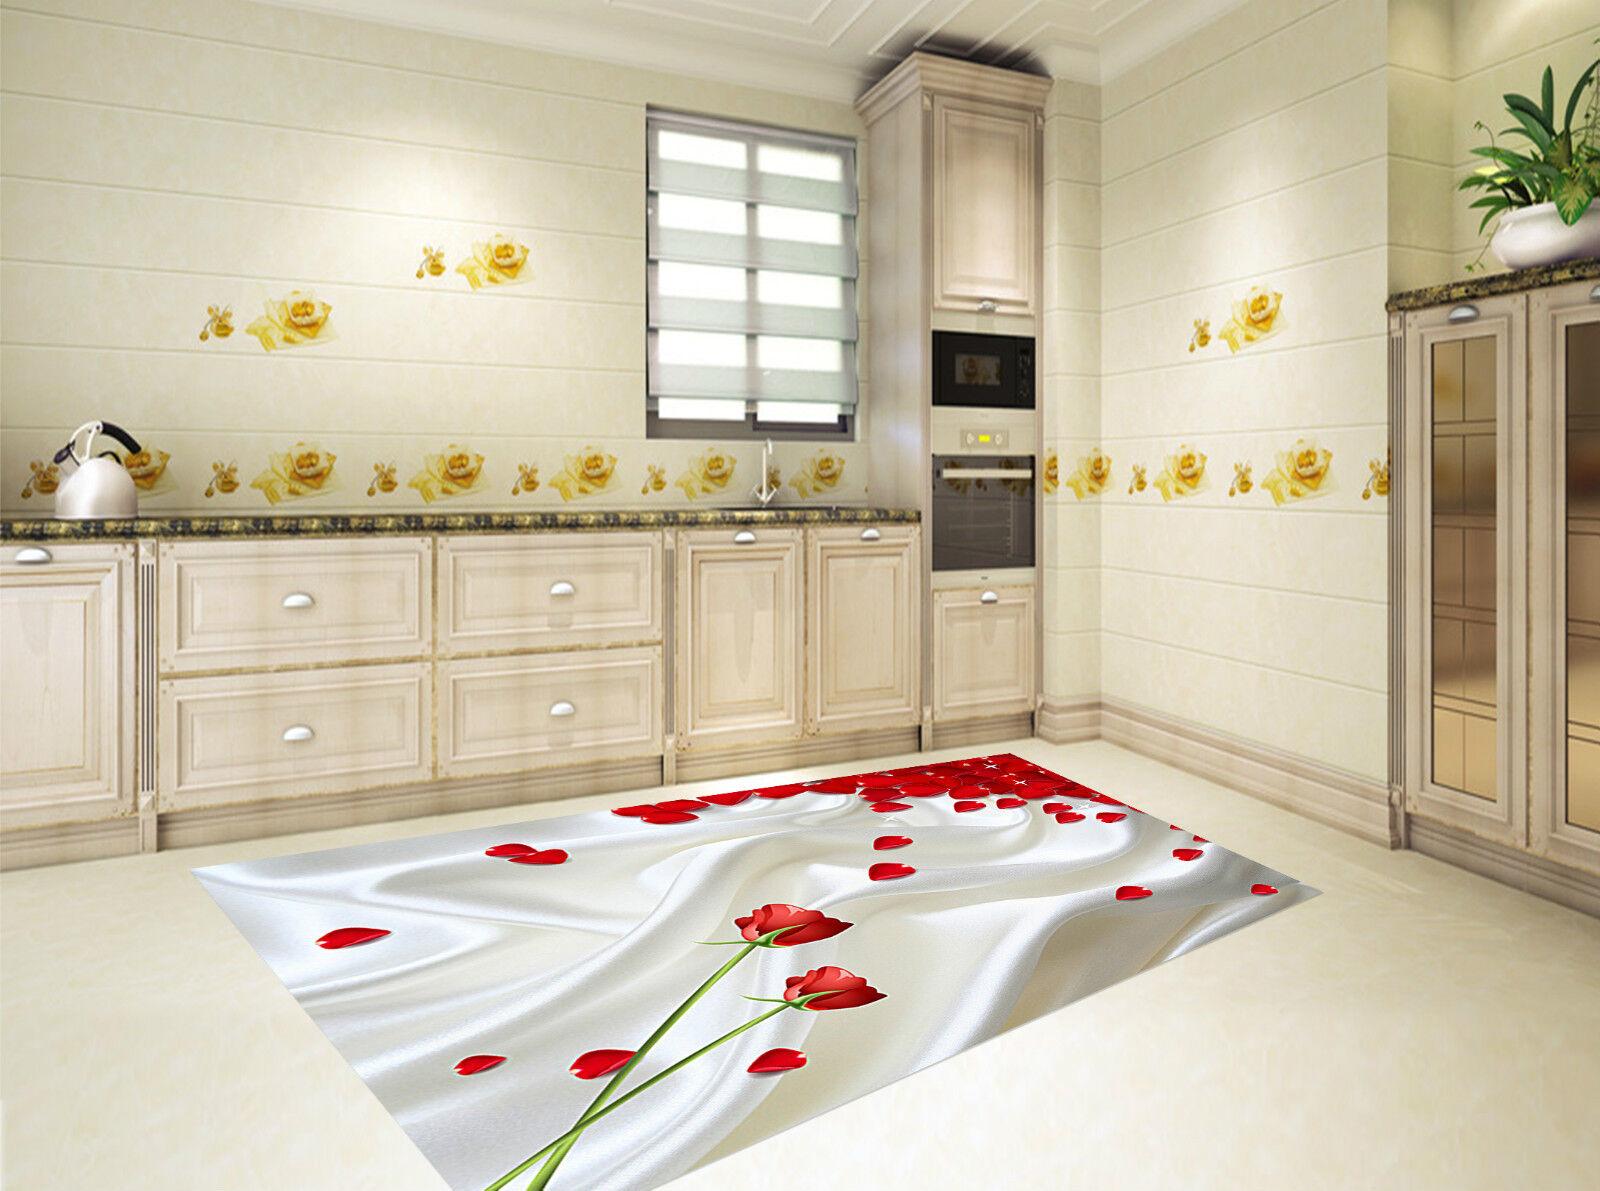 3D Fleurs Pétales Soie 242 Décor Mural Mur Murale De Mur Mural De Cuisine AJ WALLPAPER FR 5ba078